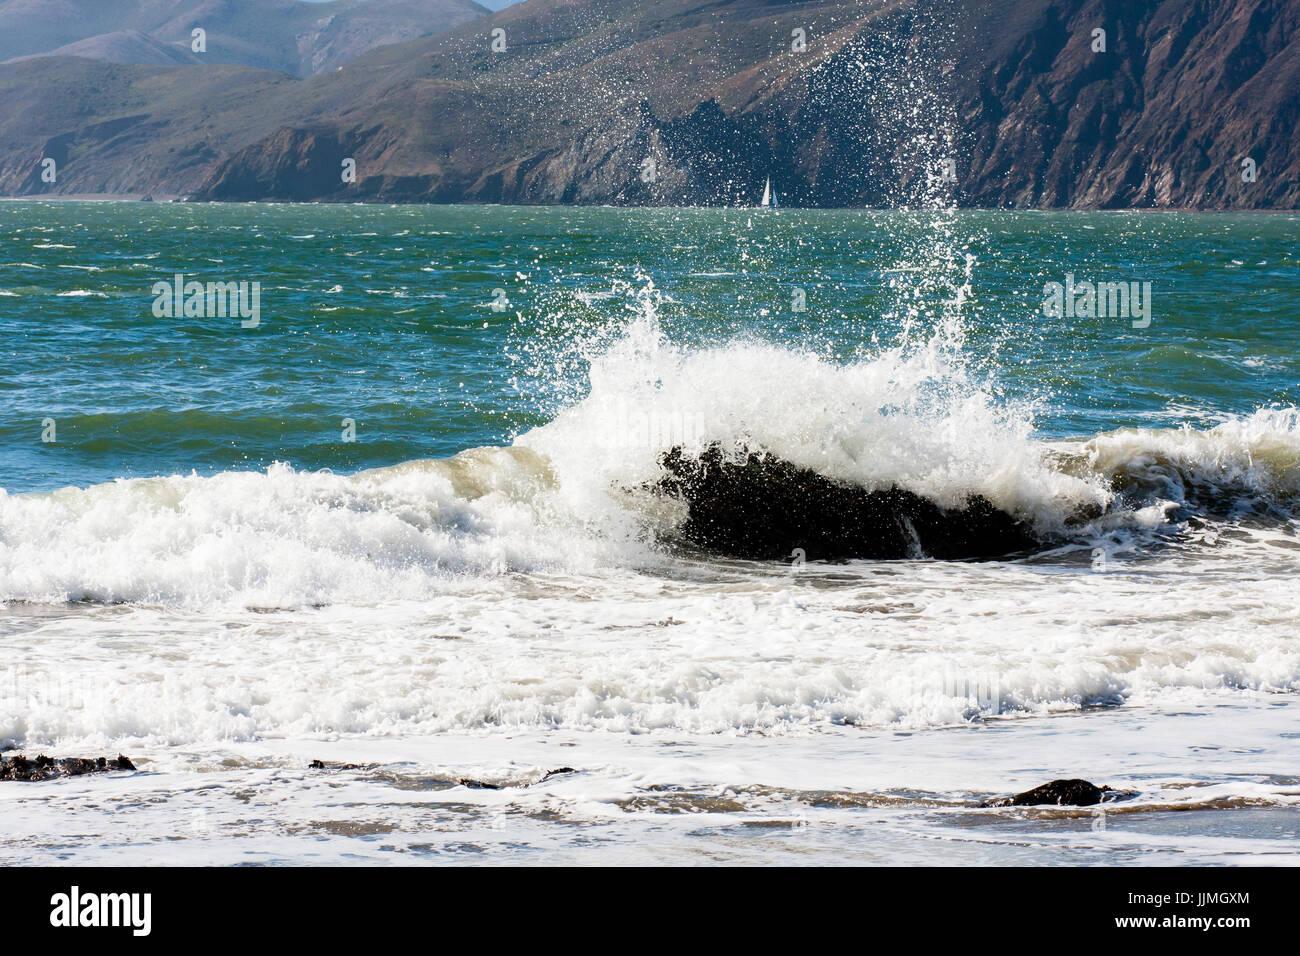 Water crashing into rock - Stock Image